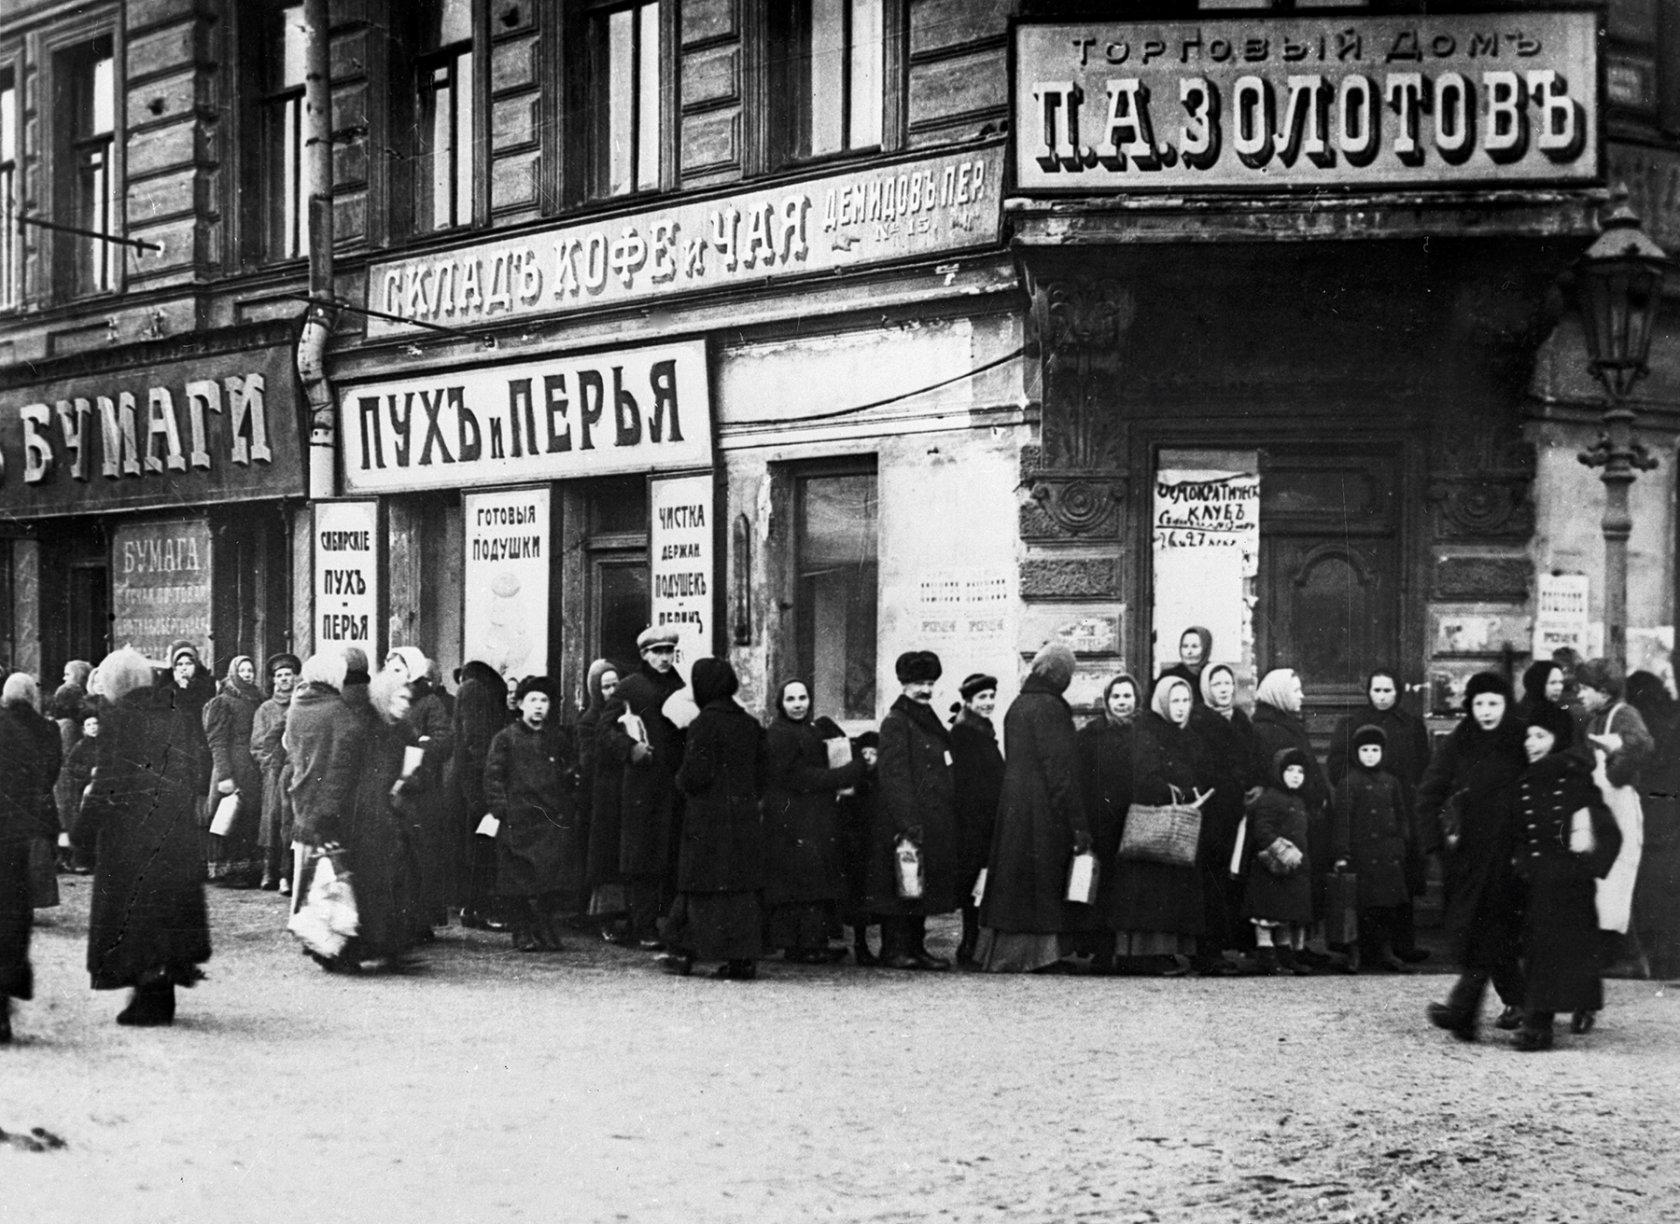 革命が起こったロシアの1917年